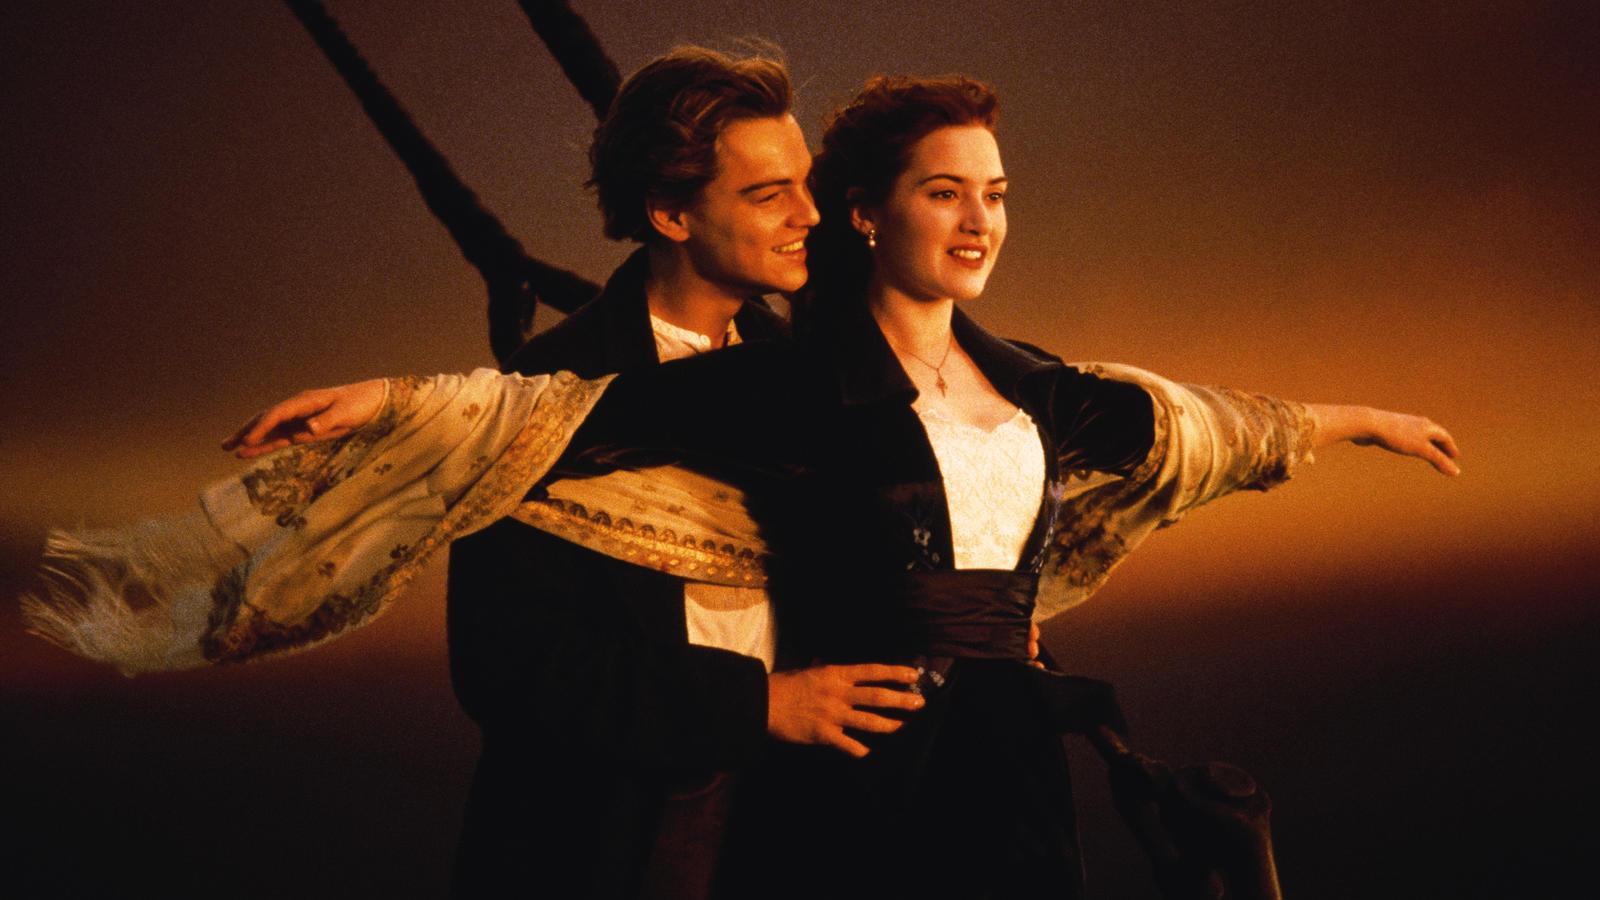 separation shoes 85d6a 833c0 James Cameron verrät: Deshalb musste Jack in 'Titanic' sterben